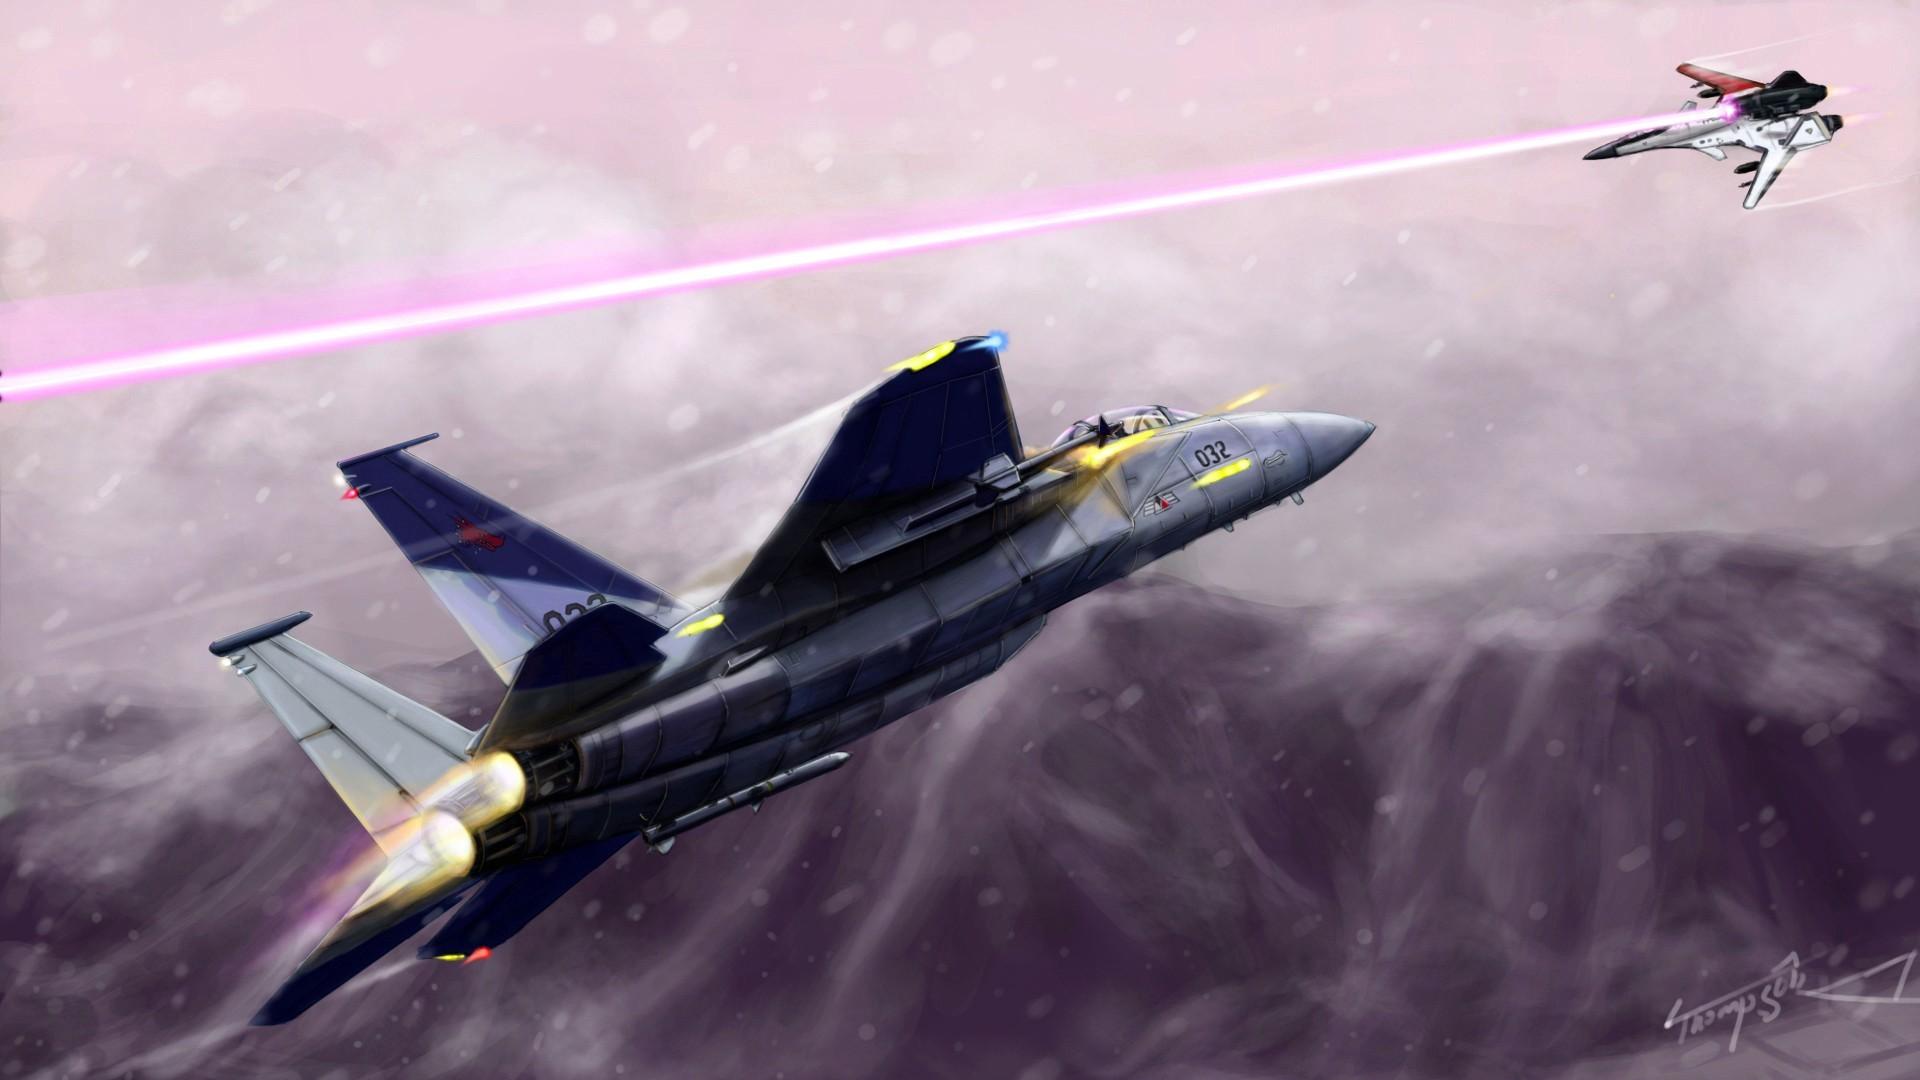 Res: 1920x1080, Ace Combat Full HD Wallpaper